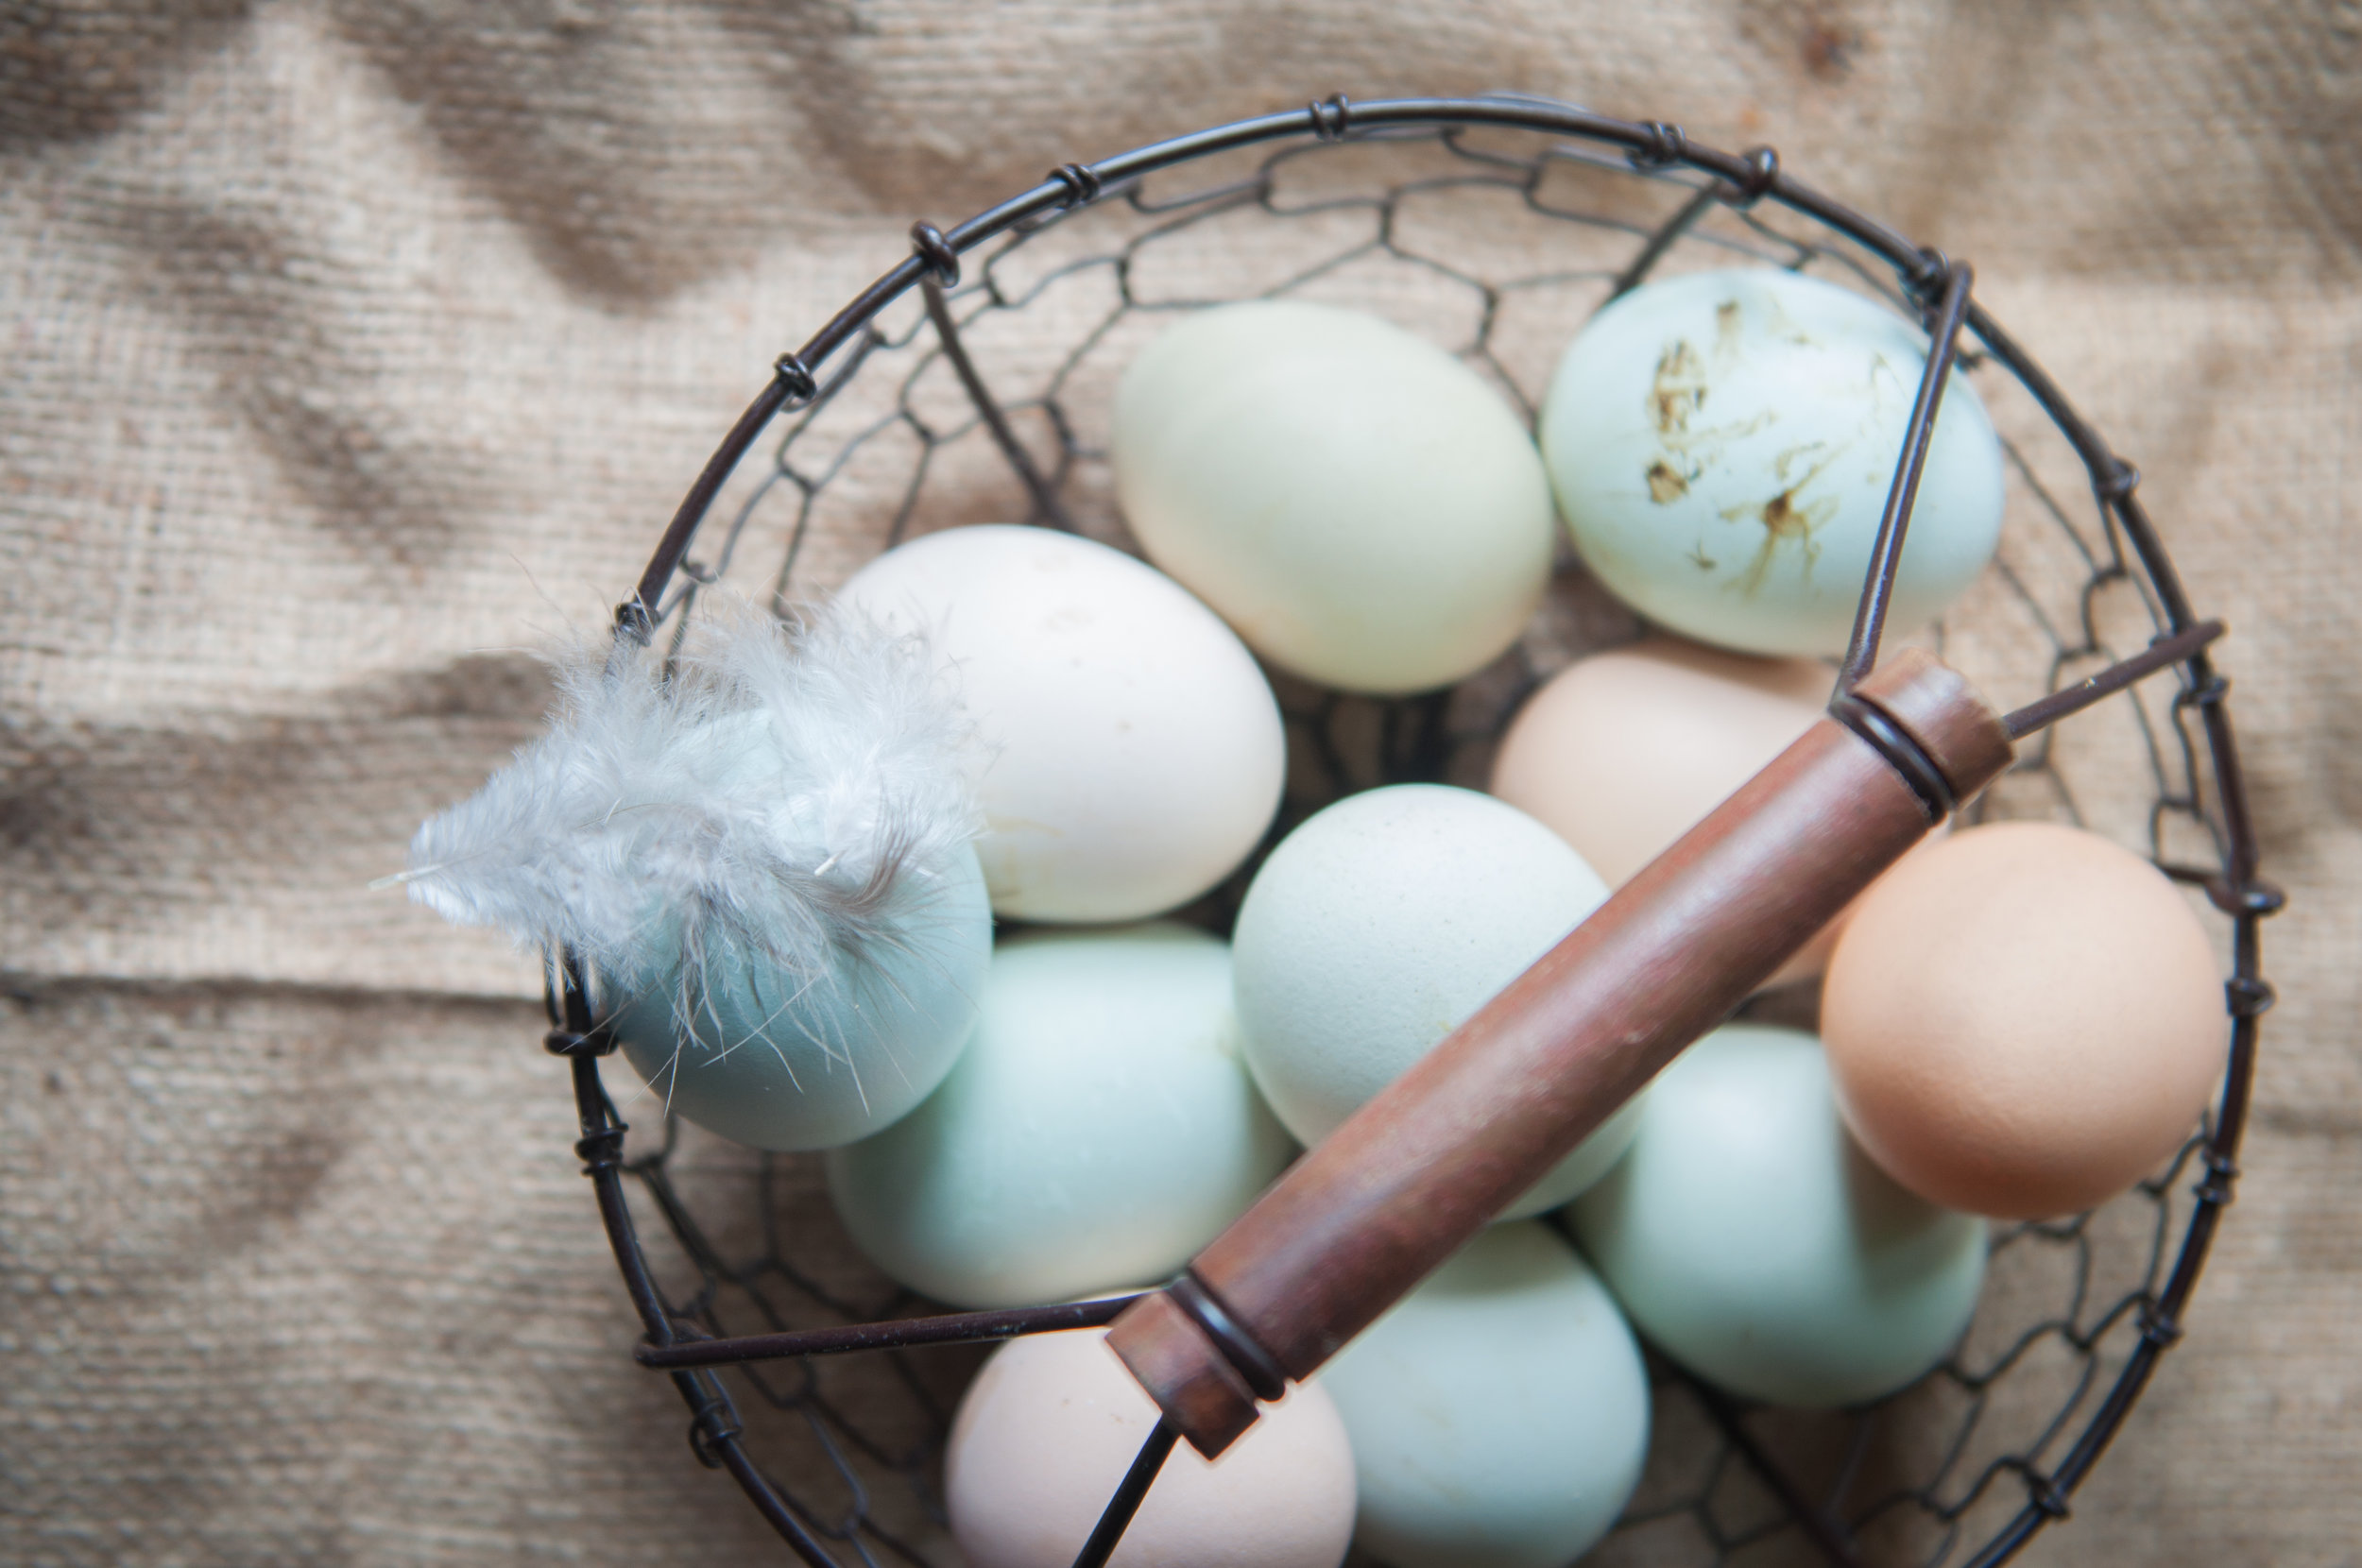 Farm Eggs_0079-1.jpg